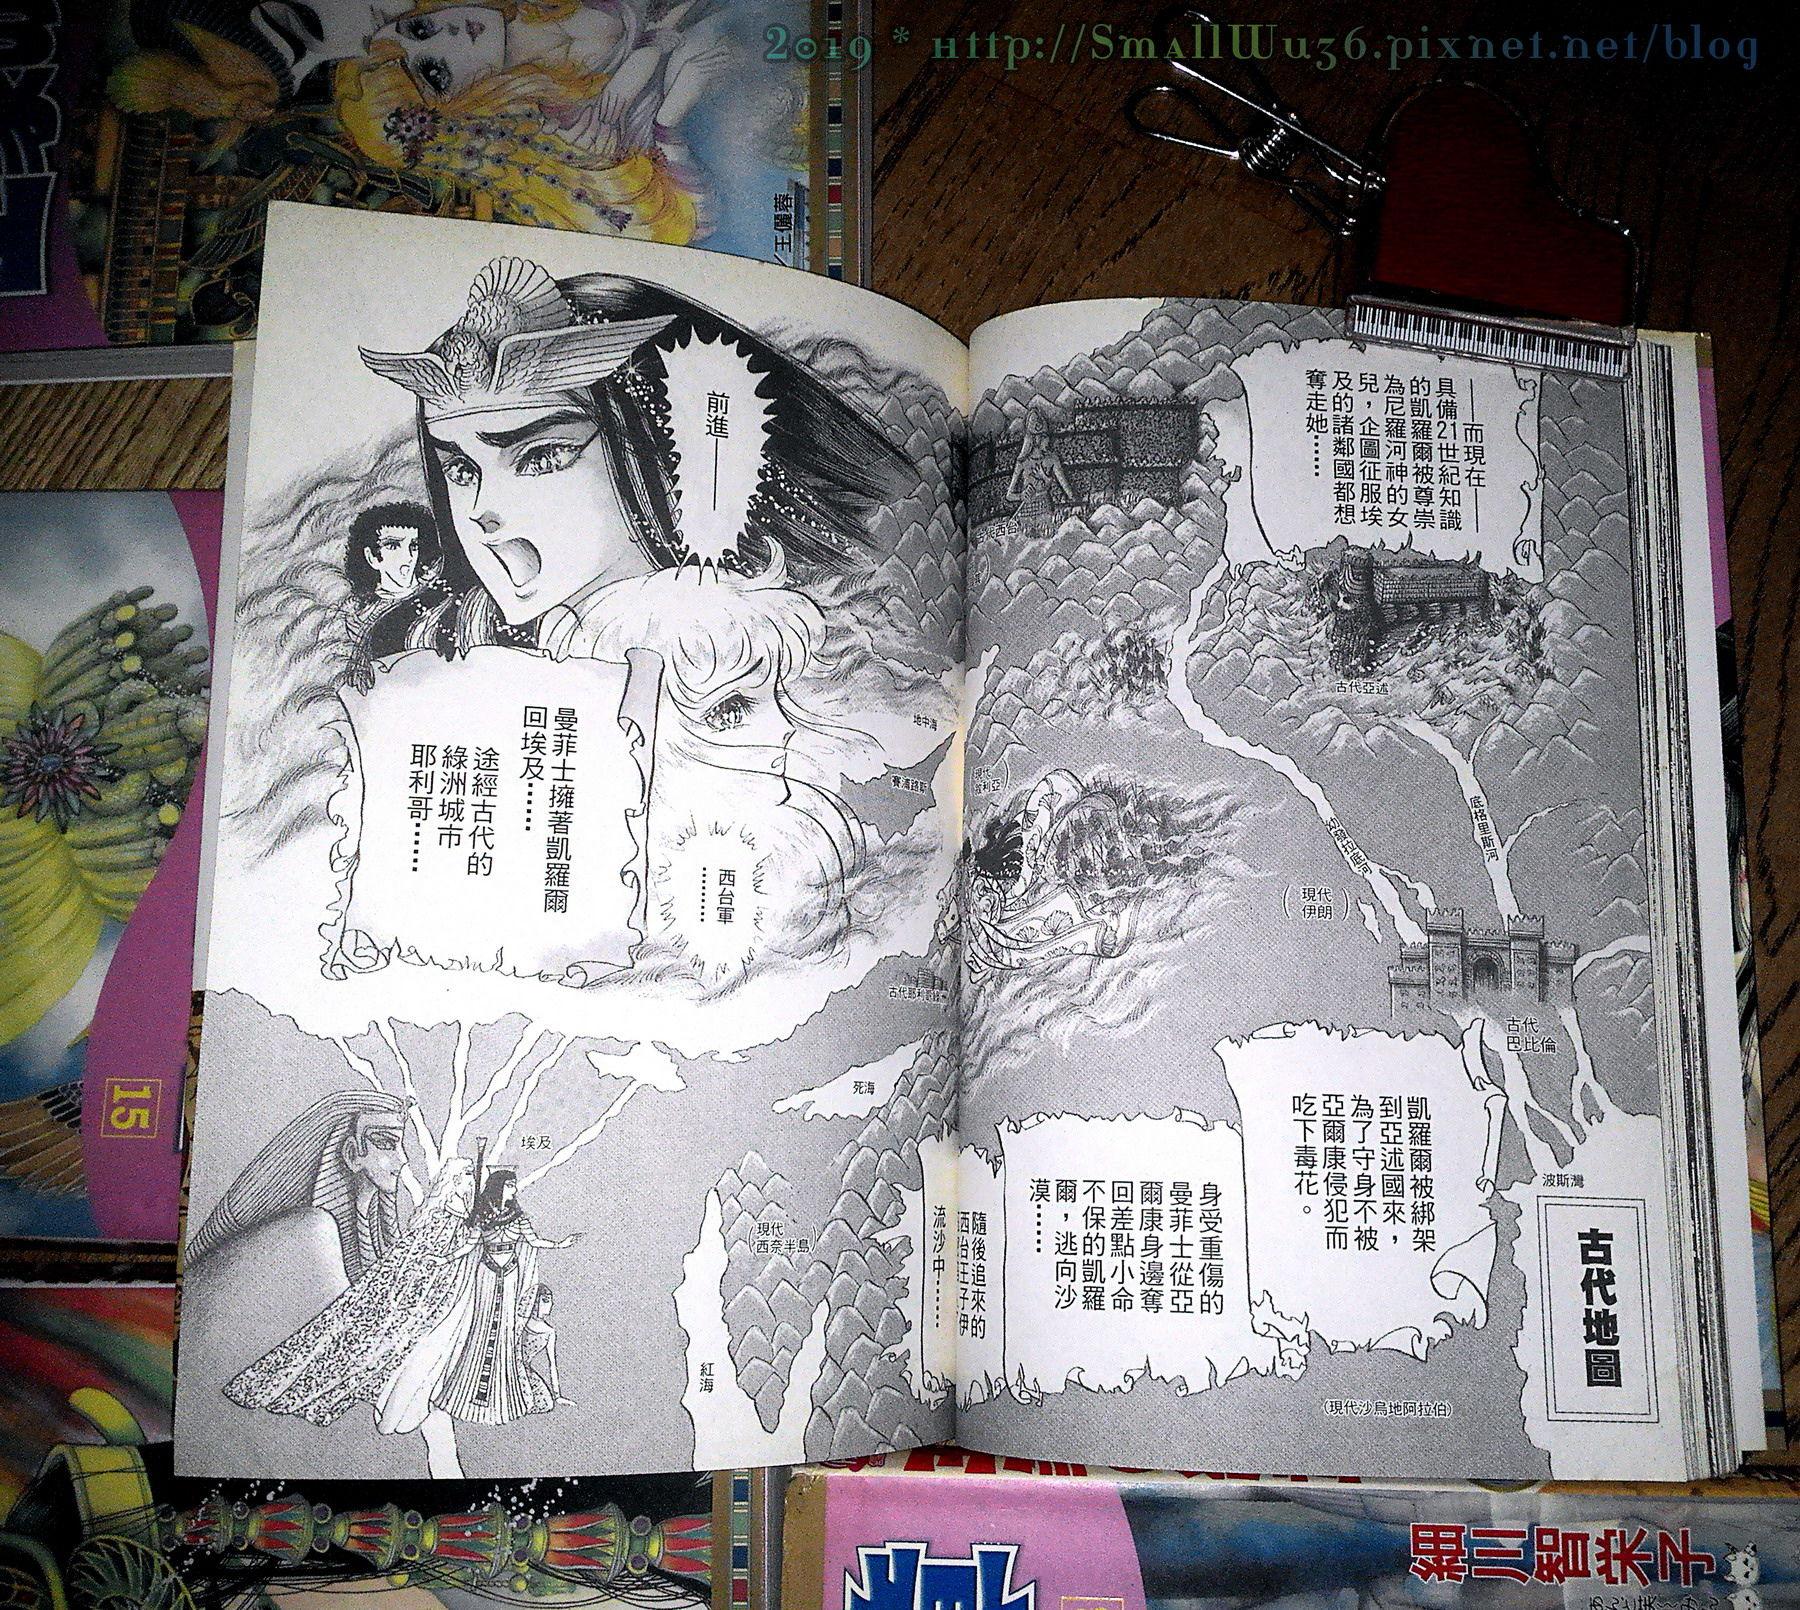 細川智榮子-王家的紋章(尼羅河女兒) 4-24 (長鴻)  vol_12.jpg